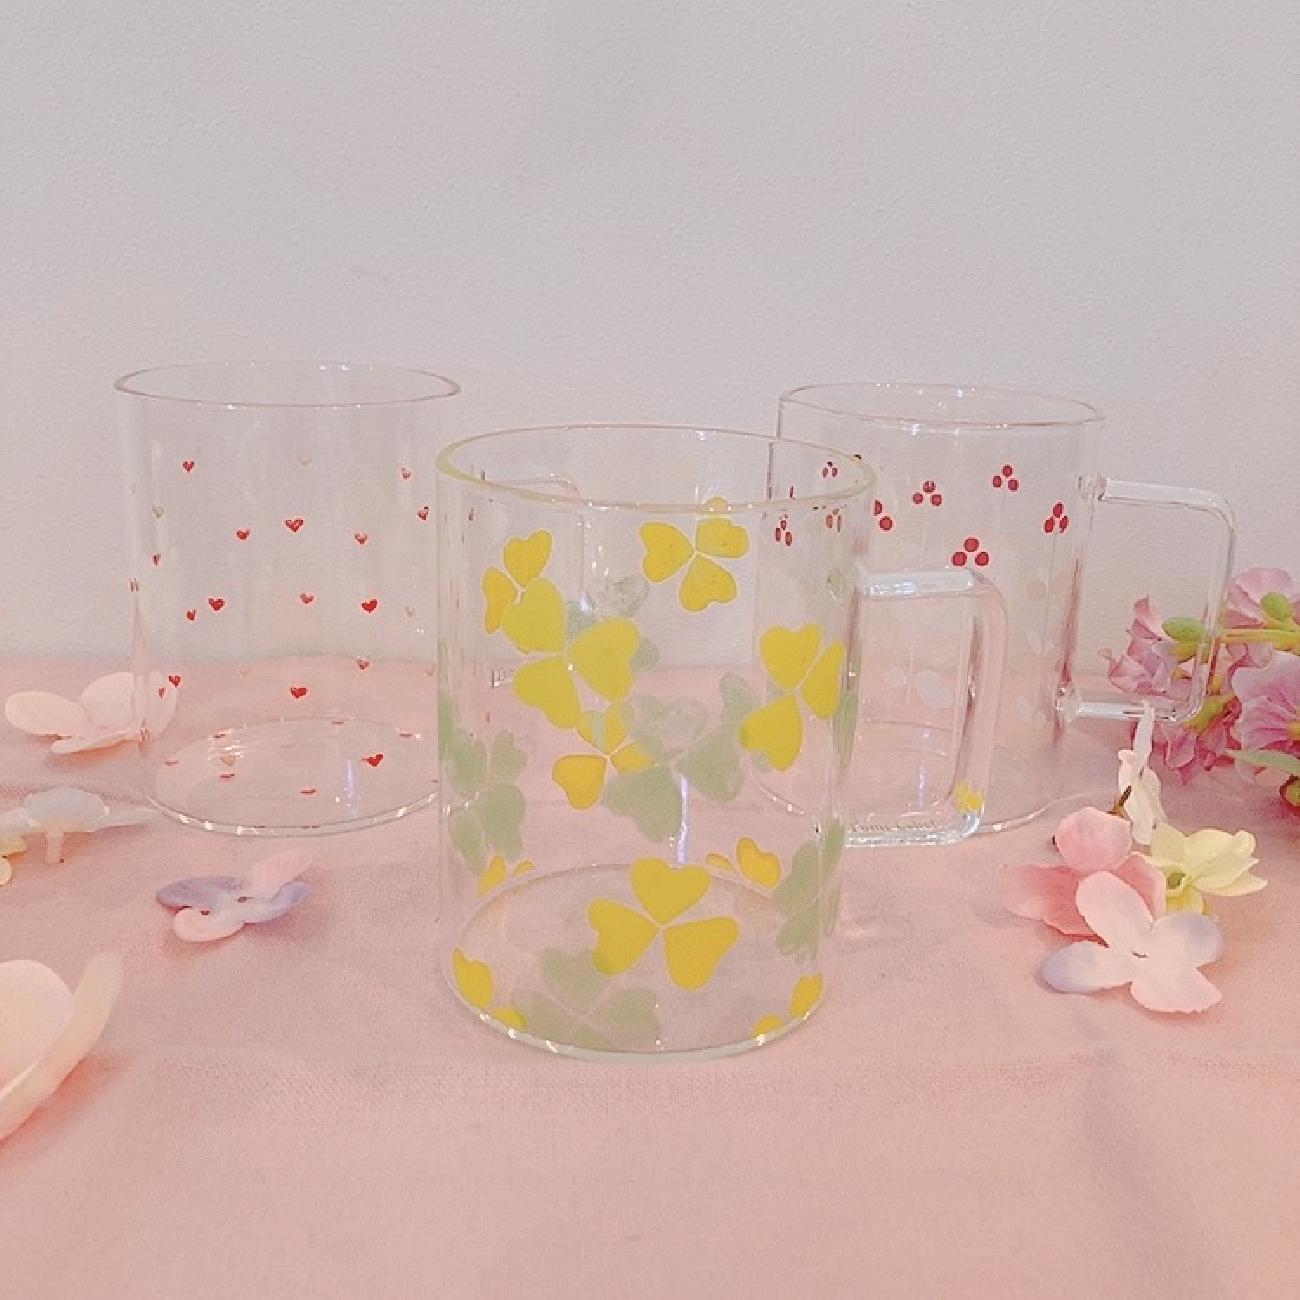 グラス/ビオラ/ラベンダー/花/お花/ペアグラス/タンブラー/お花好き/耐熱マグ/マグカップ/ガラス